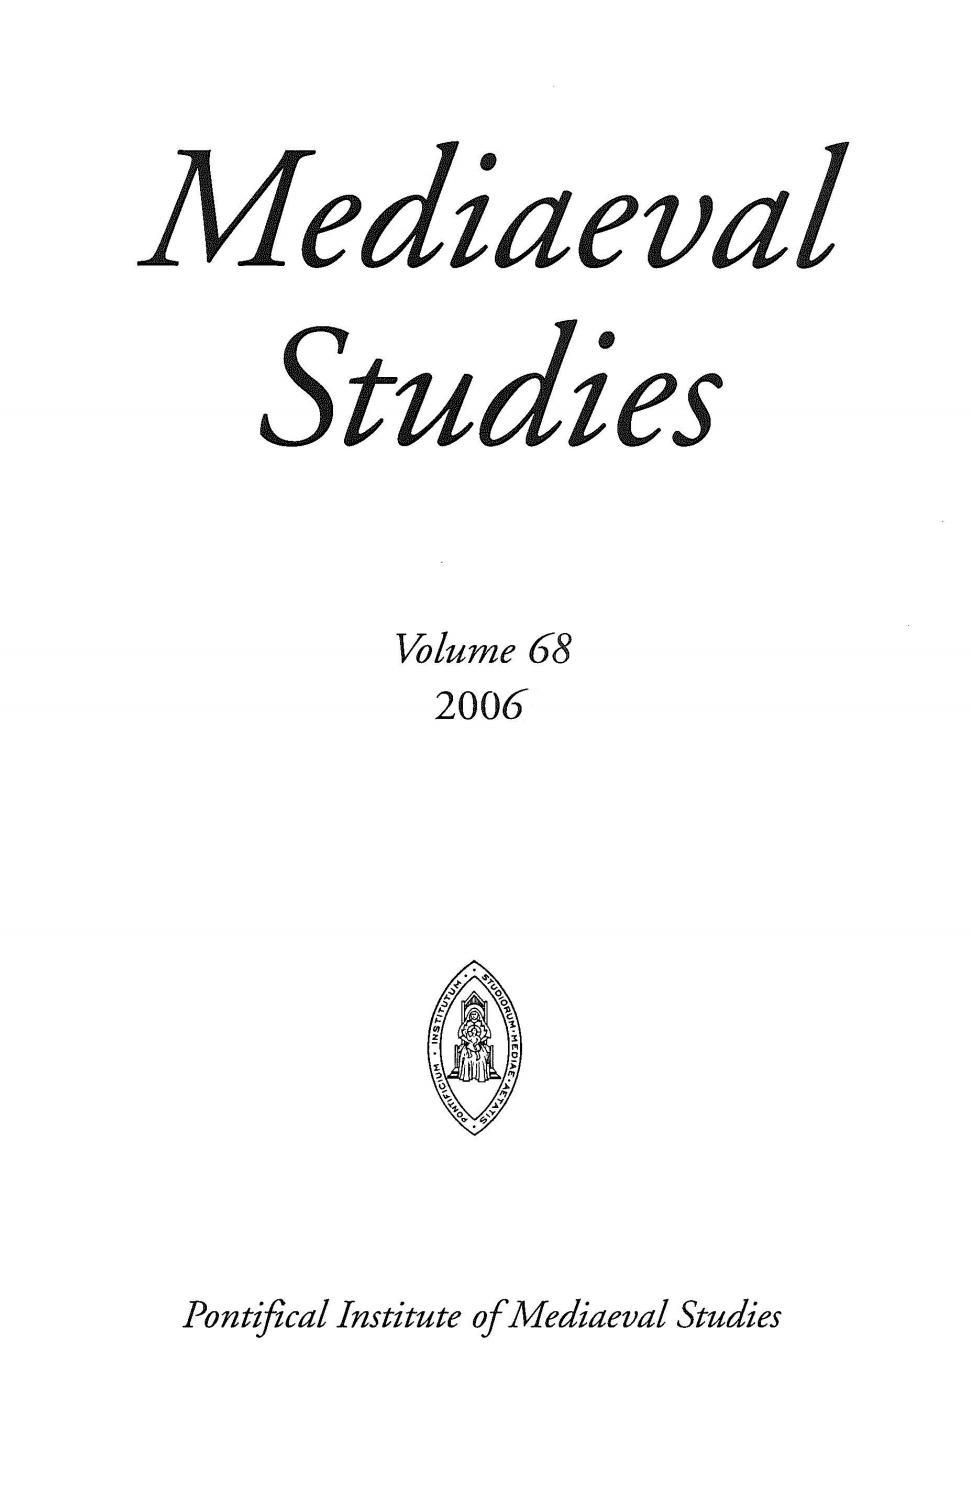 Mediaeval studies volume 68 2006 by Mediaevii Studiosus - issuu